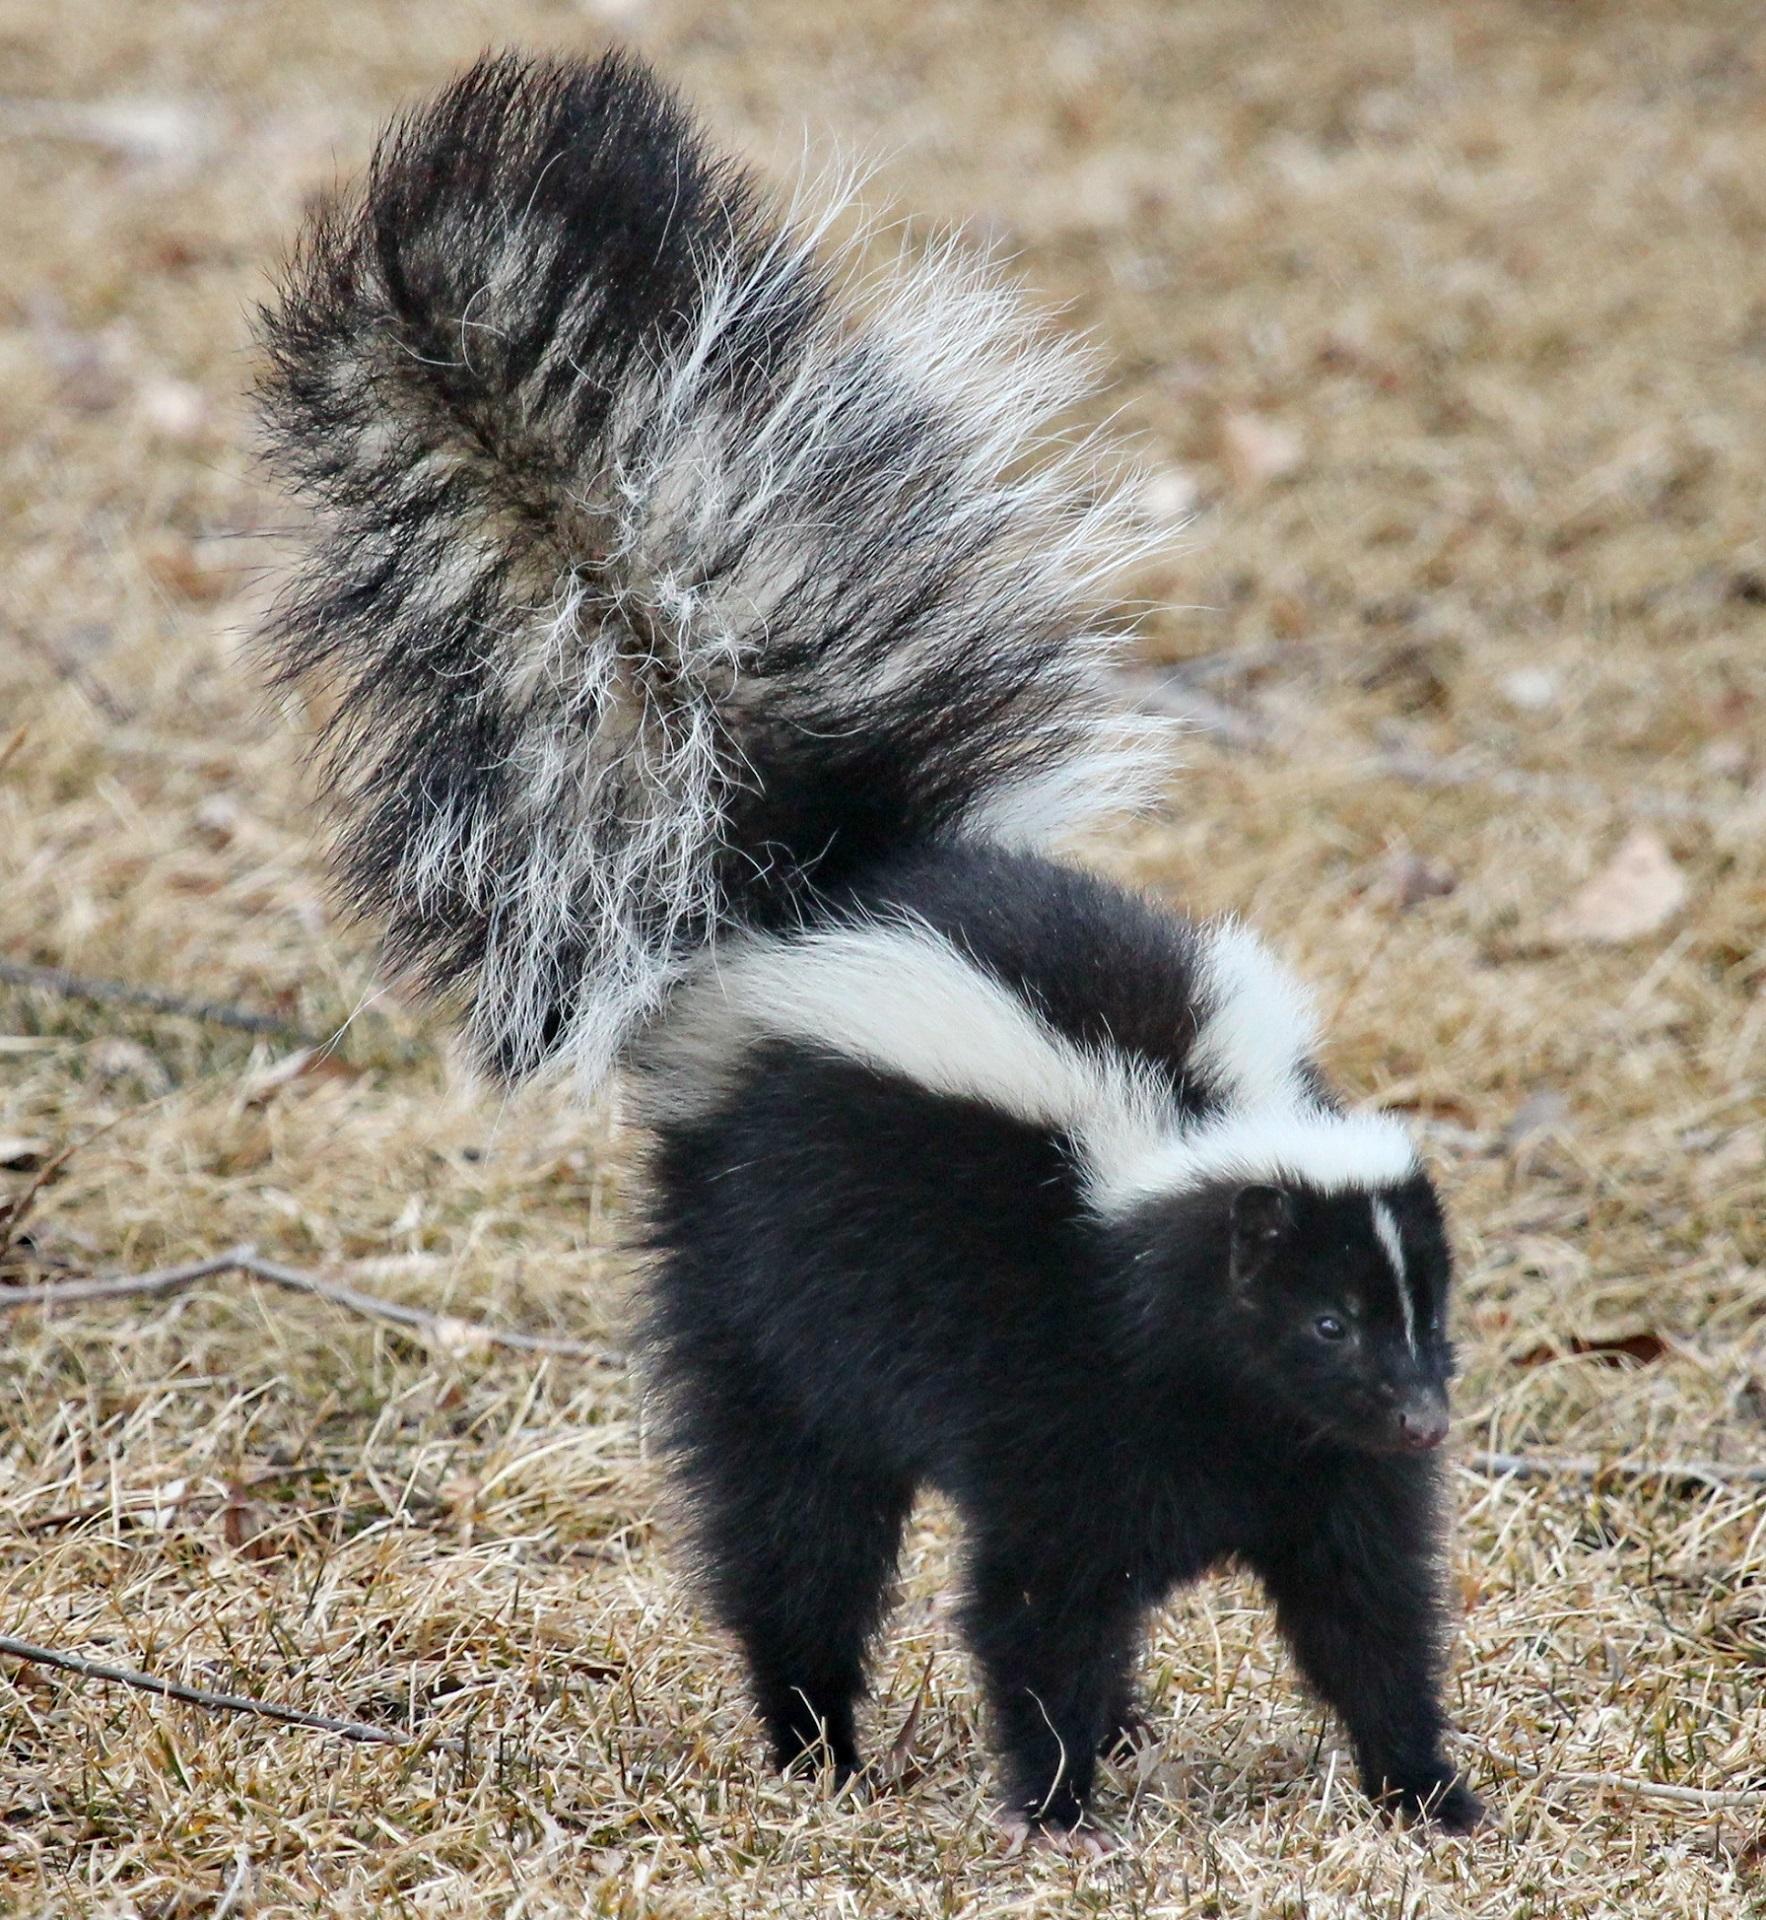 skunk-1239764